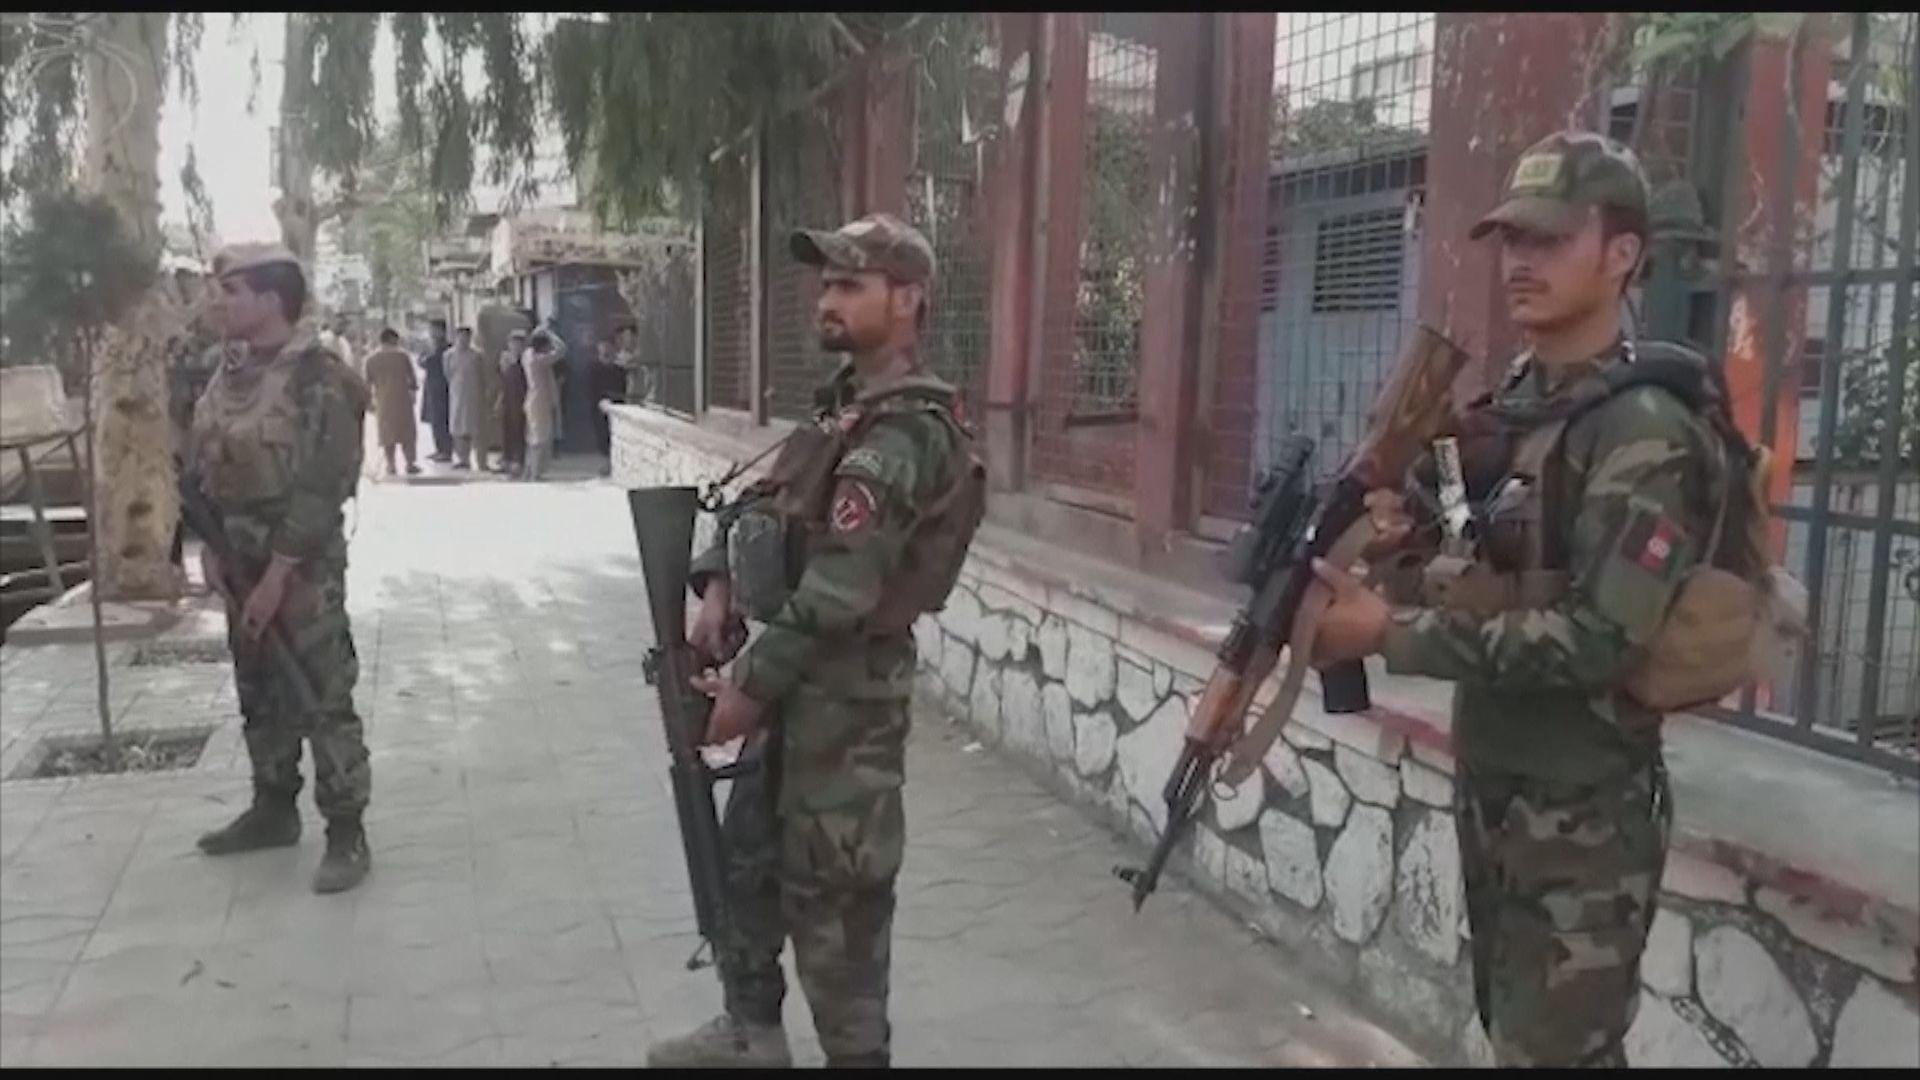 美軍提前下月底結束阿富汗任務 拜登稱已達成打擊恐怖主義目標